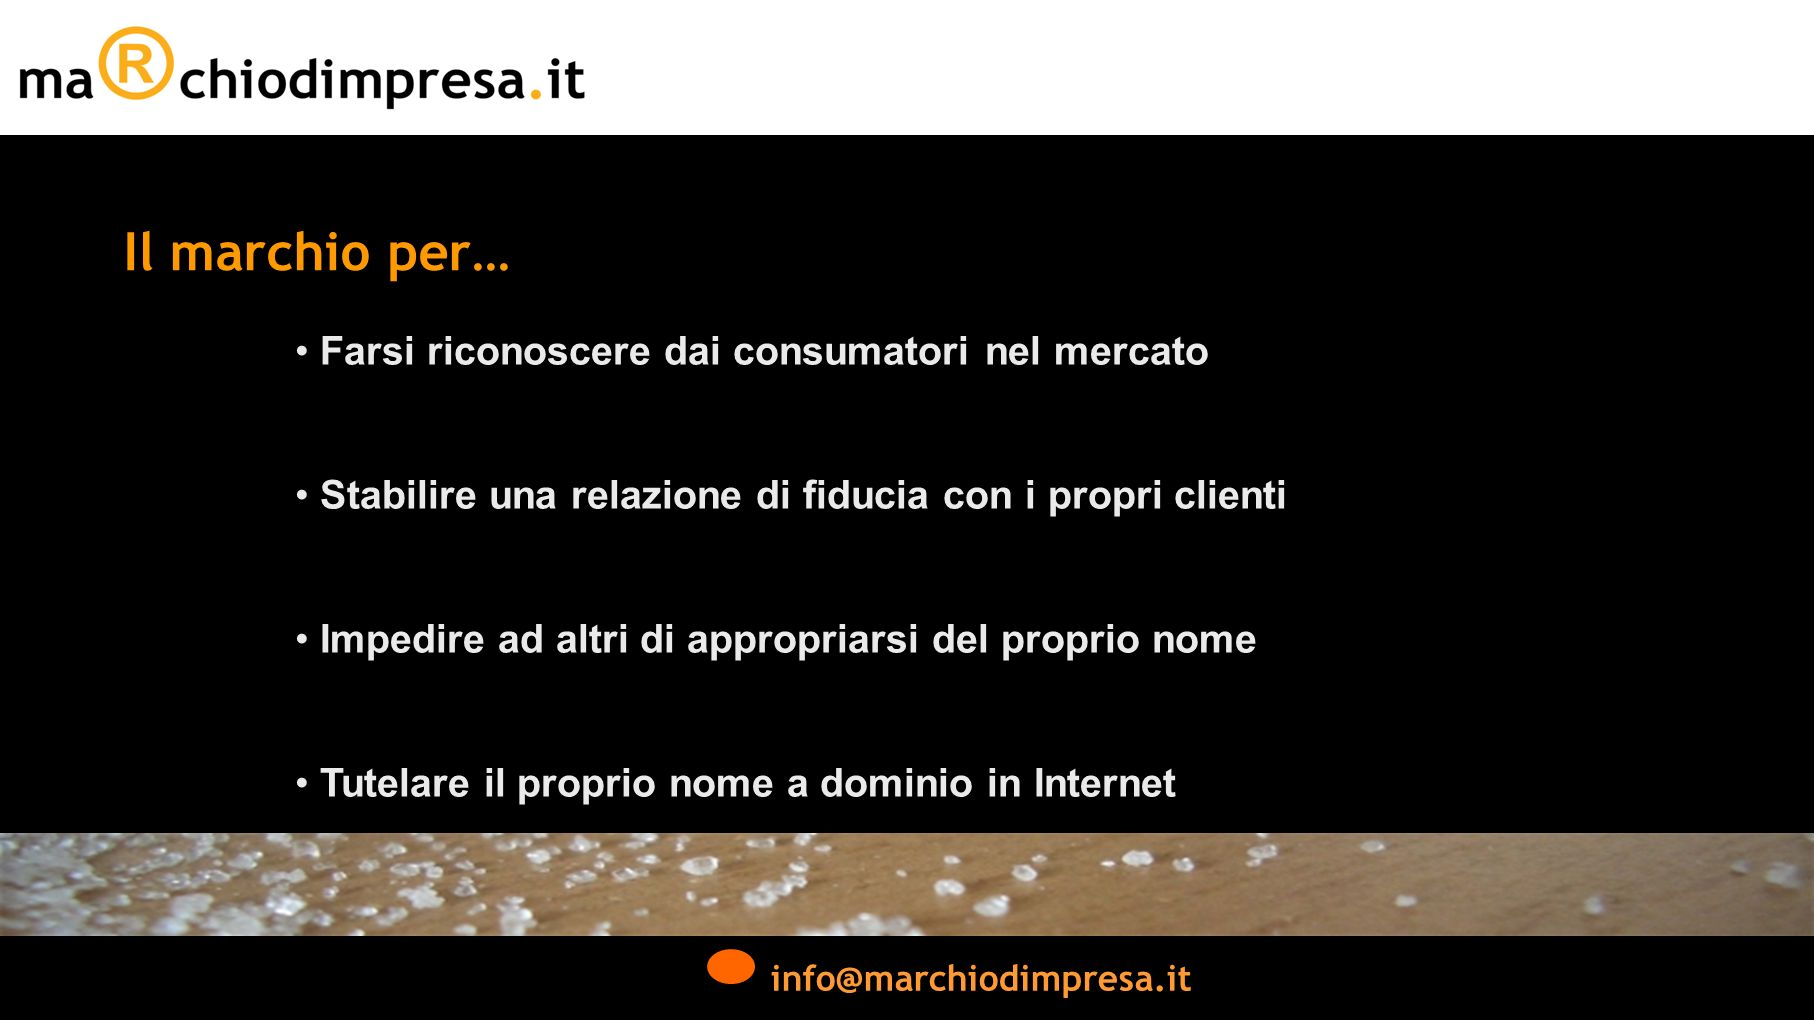 info@marchiodimpresa.it Farsi riconoscere dai consumatori nel mercato Stabilire una relazione di fiducia con i propri clienti Impedire ad altri di appropriarsi del proprio nome Tutelare il proprio nome a dominio in Internet Il marchio per…